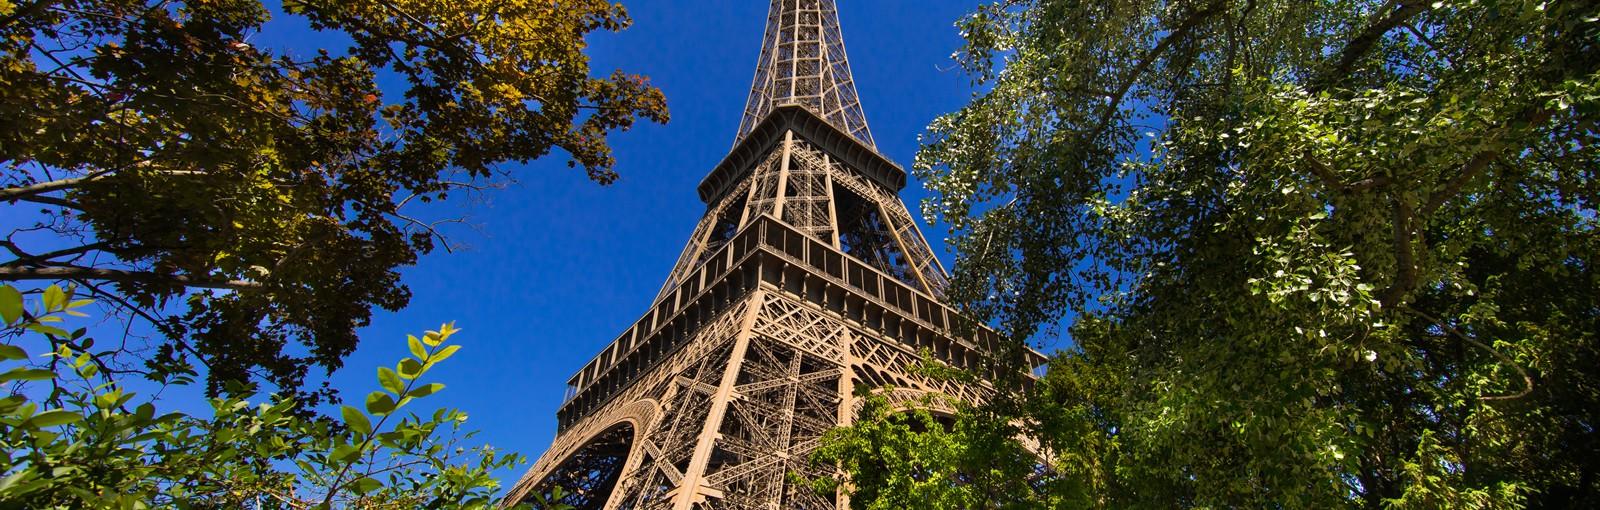 Tours Día Paris y Versailles - Tours de ciudad - Visitas de Paris